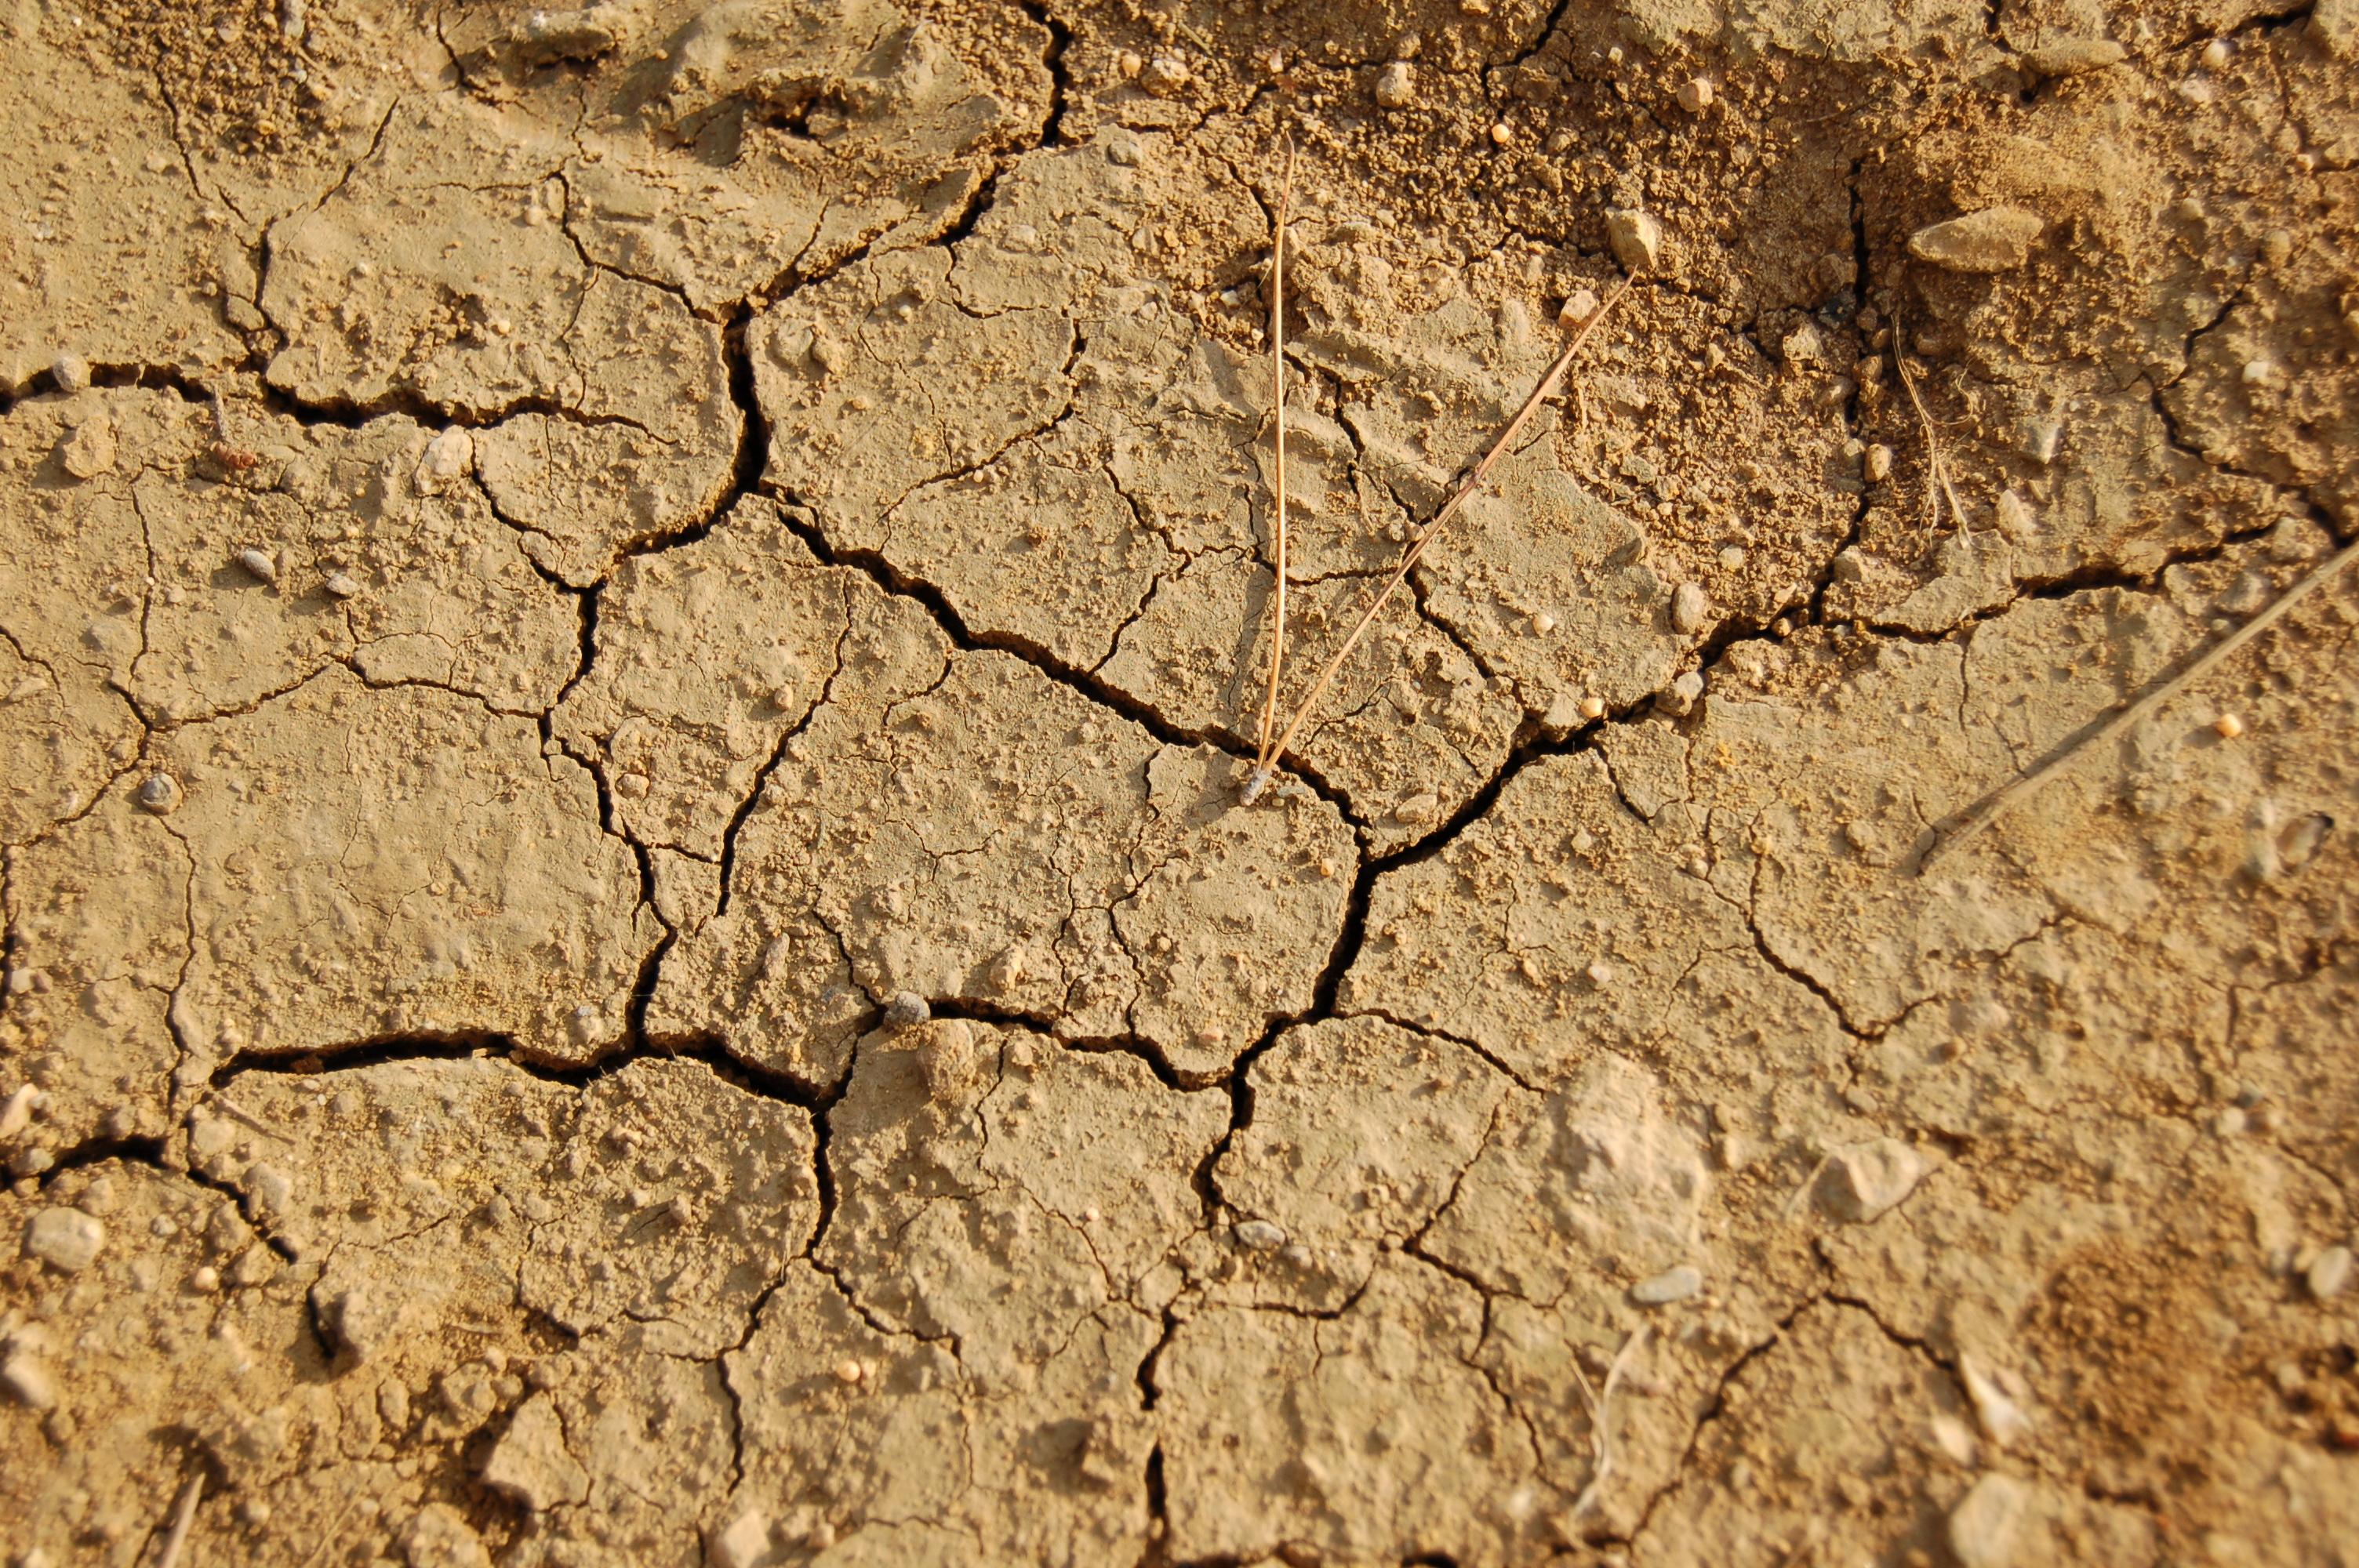 L'une des sécheresses les plus fortes au cours des 30 dernières années